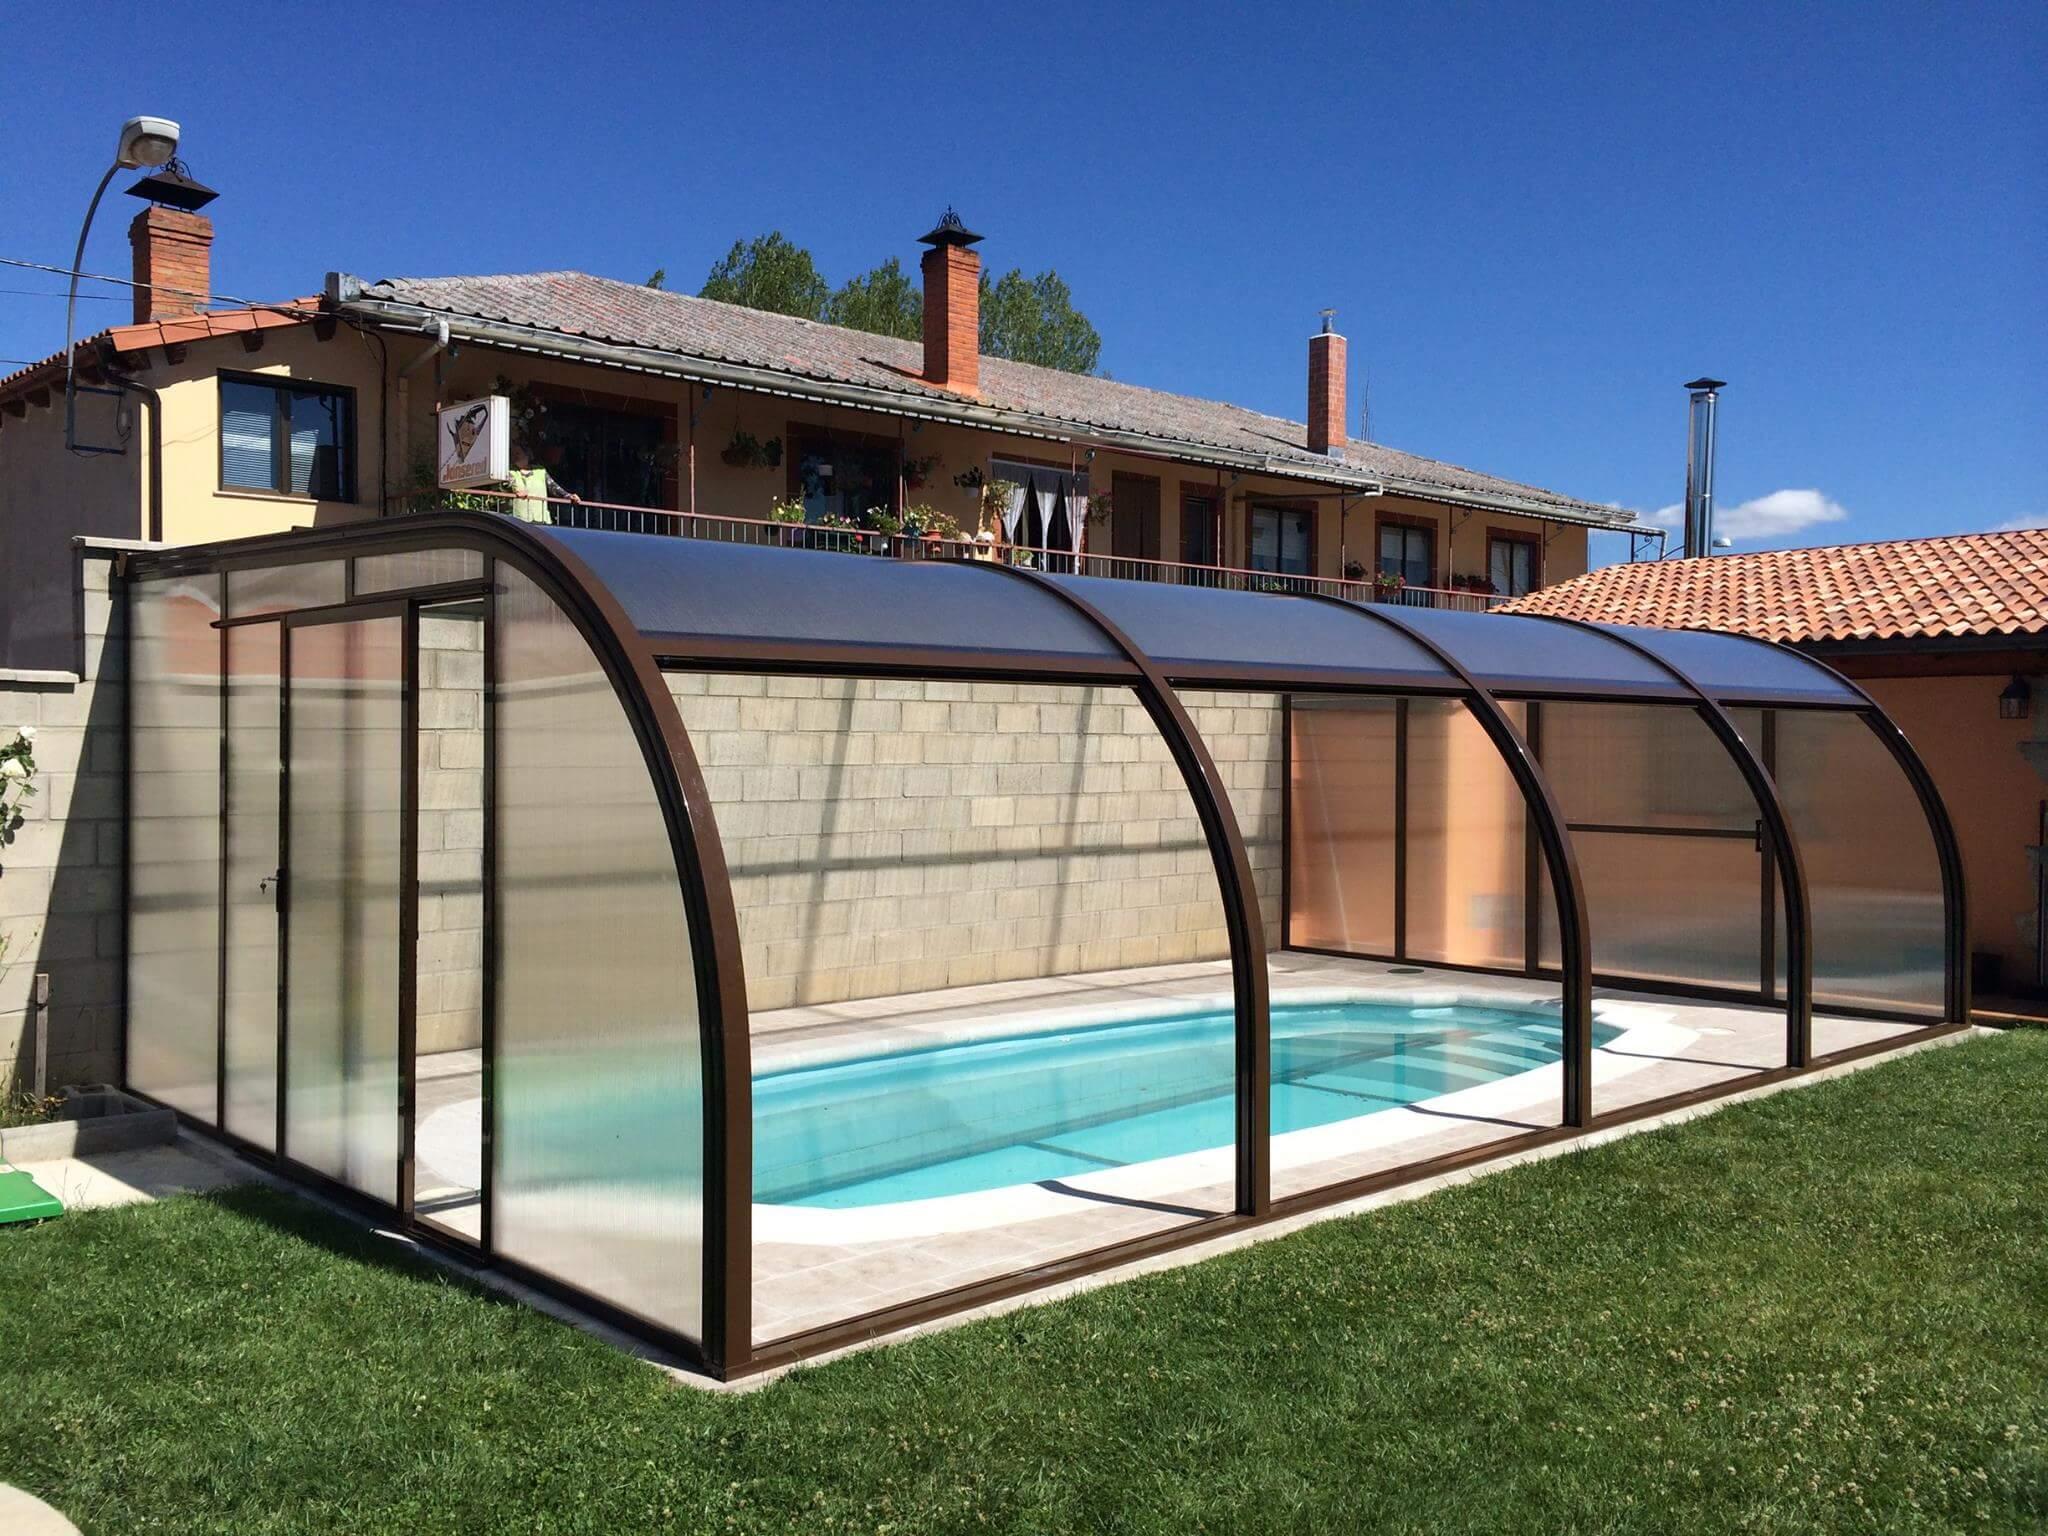 Cubiertas de piscina para casas rurales todas sus ventajas for Casas rurales en asturias con piscina